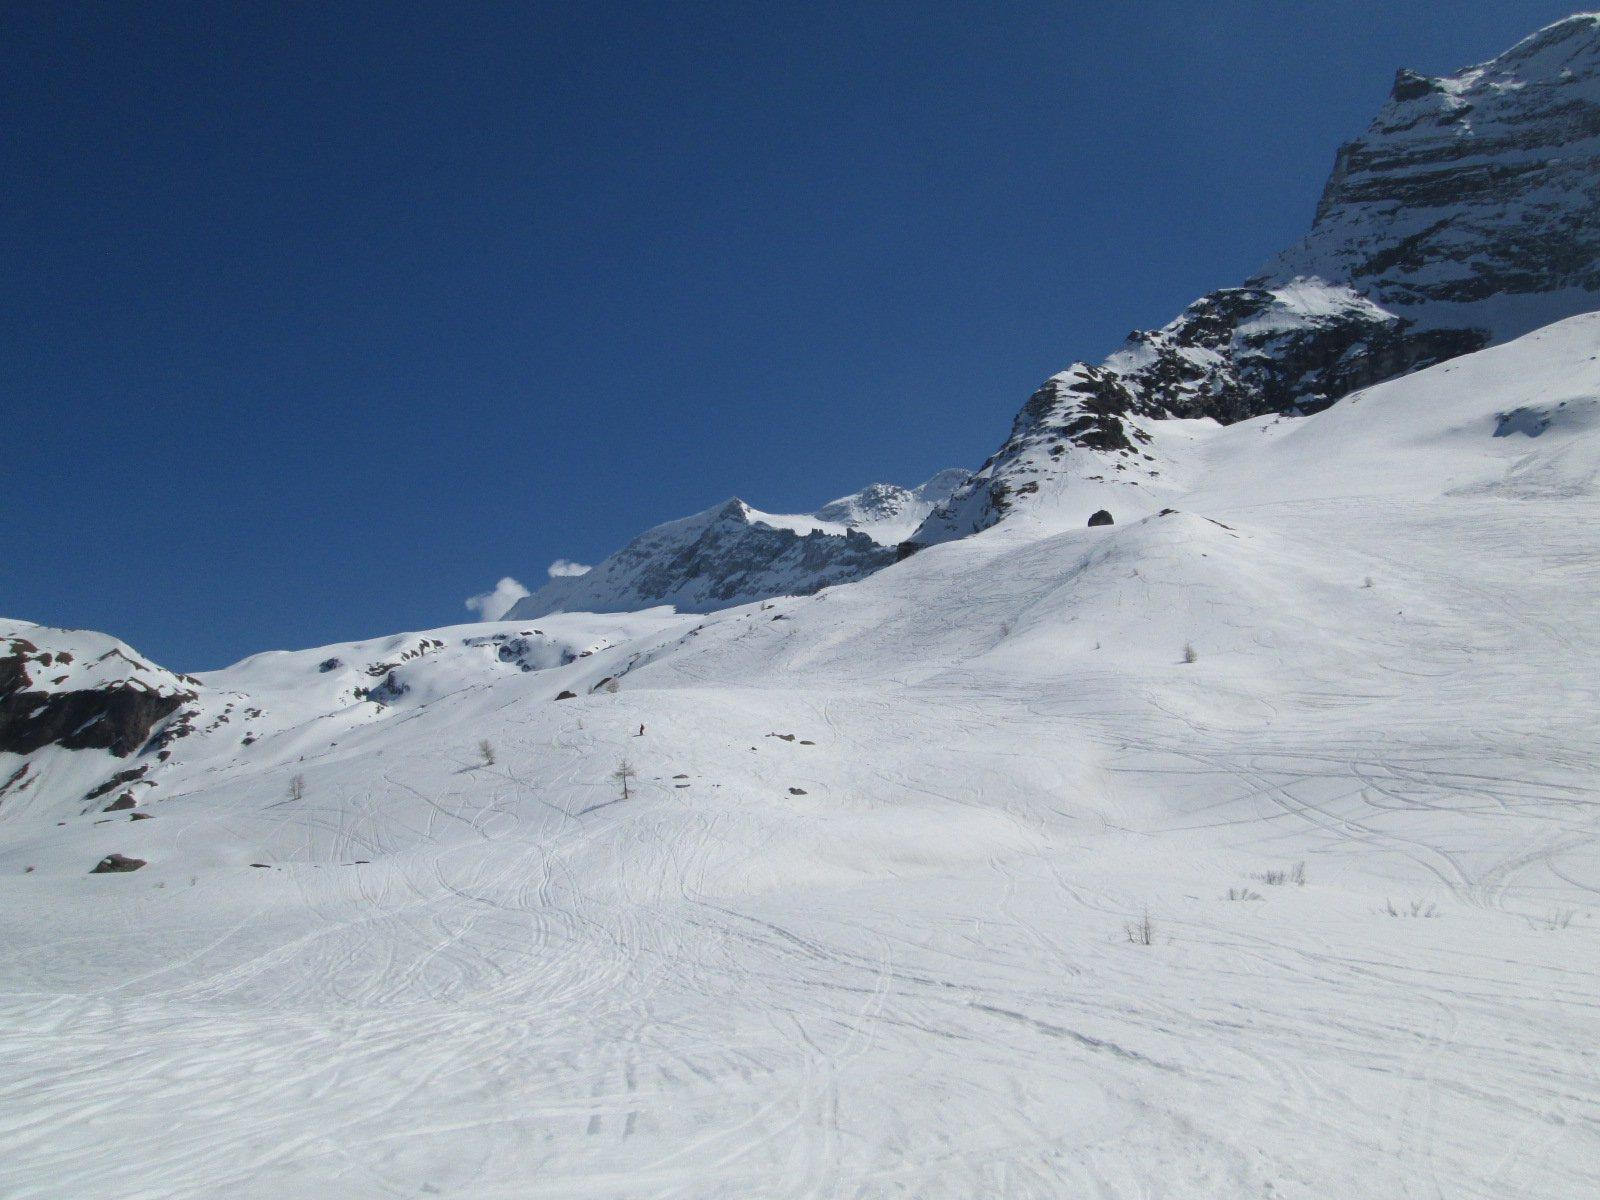 ultimi pendii sopra l'Ospizio, ancora con bella neve primaverile